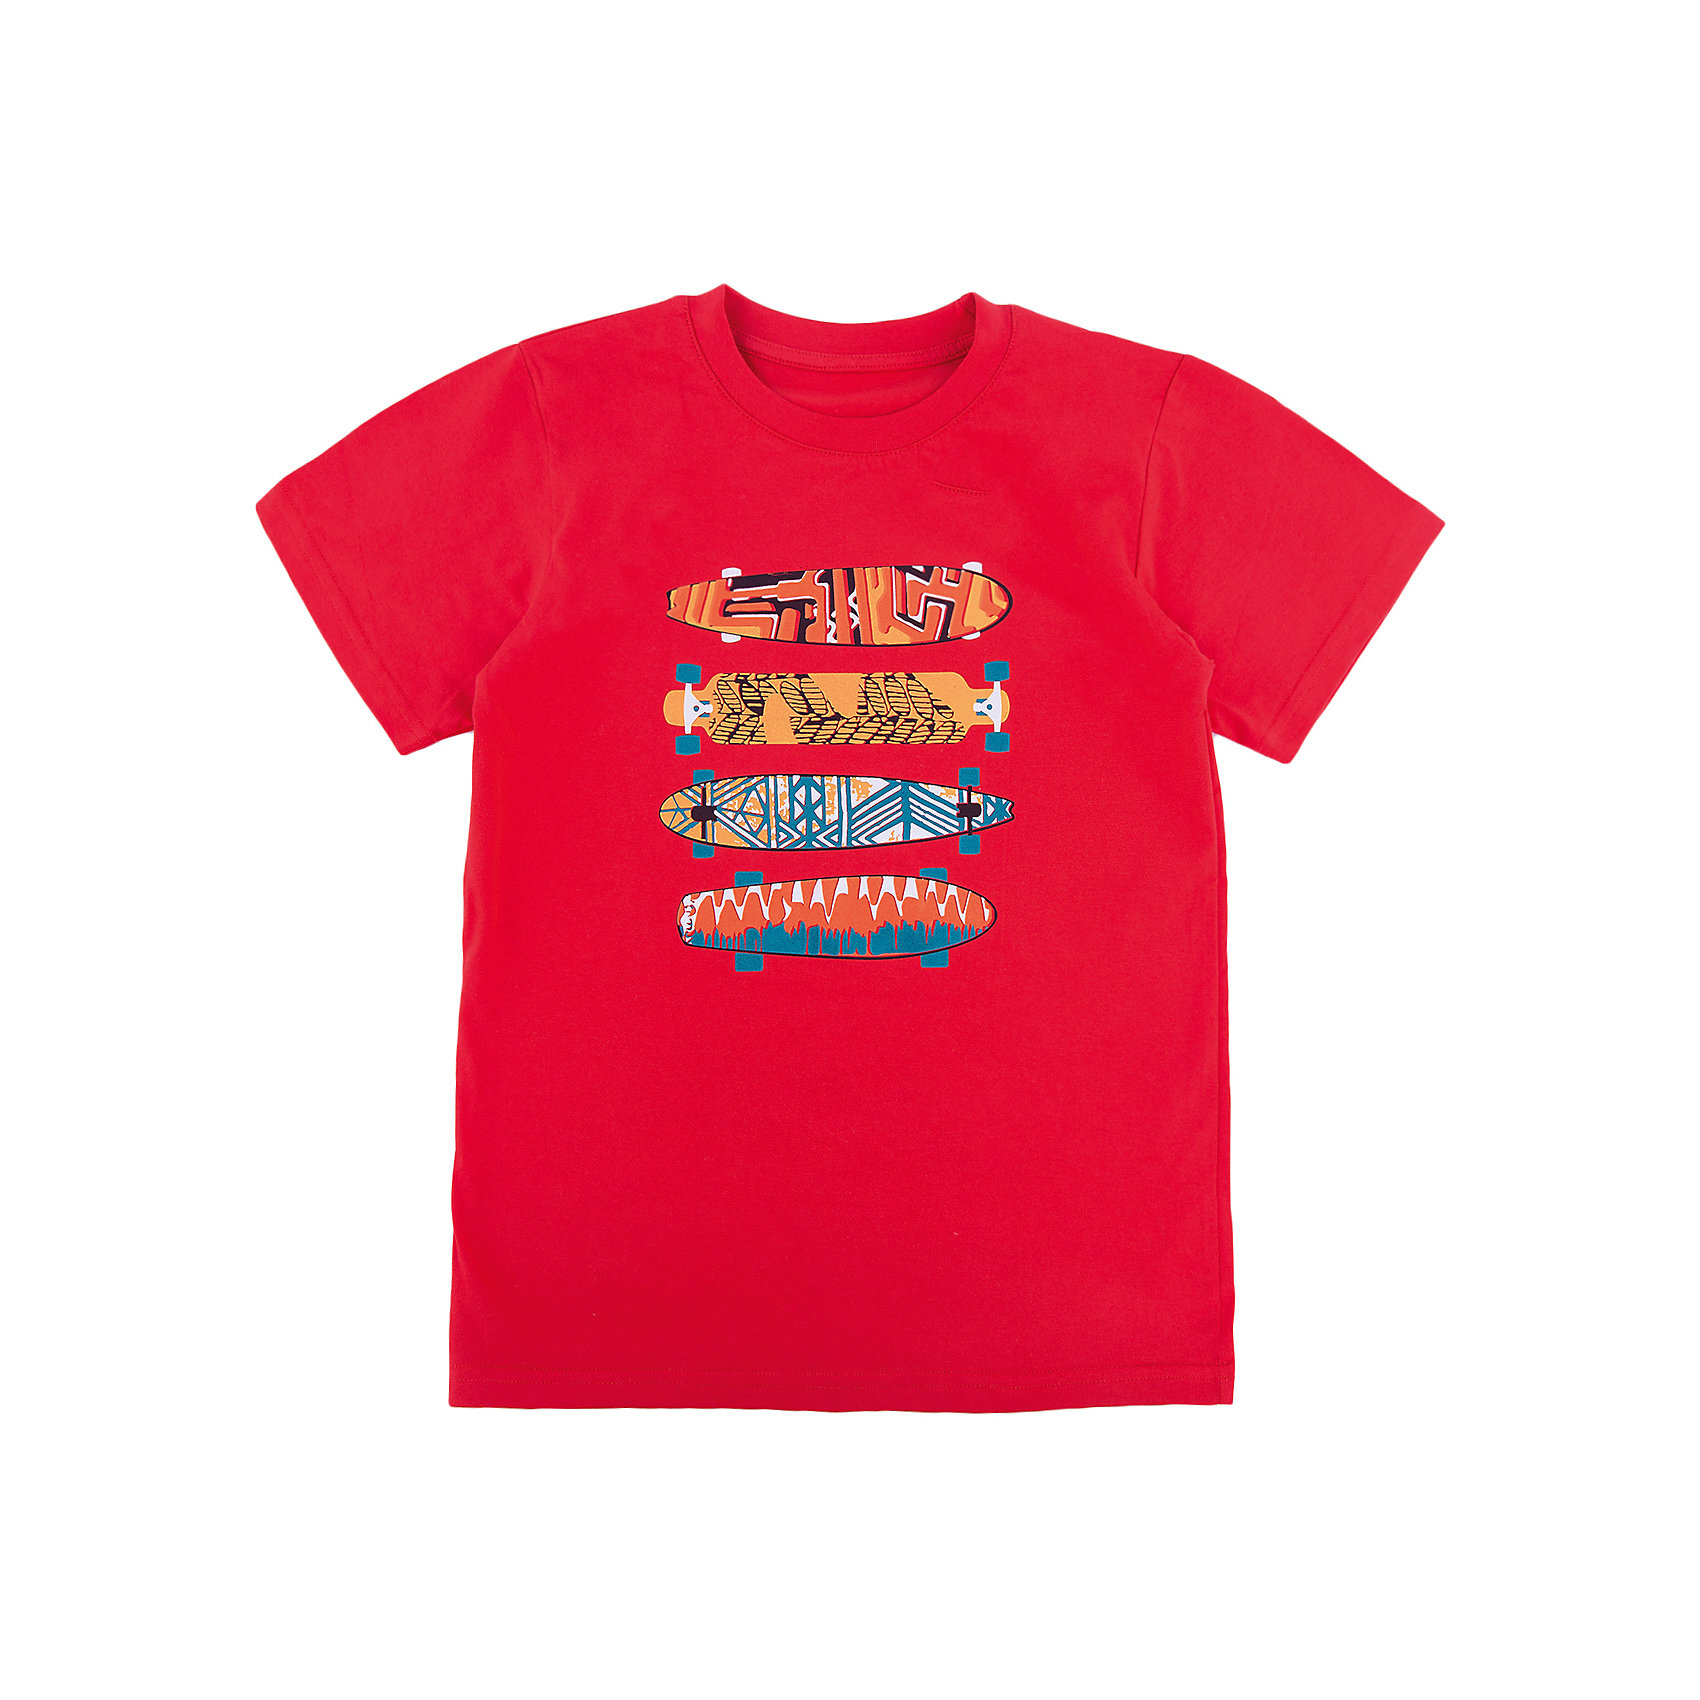 Футболка для мальчика WOWФутболки, поло и топы<br>Футболка для мальчика WOW<br>Незаменимой вещью в  гардеробе послужит футболка с коротким рукавом. Стильная и в тоже время комфортная модель, с яркой оригинальной печатью, будет превосходно смотреться на ребенке.<br>Состав:<br>кулирная гладь 100% хлопок<br><br>Ширина мм: 199<br>Глубина мм: 10<br>Высота мм: 161<br>Вес г: 151<br>Цвет: красный<br>Возраст от месяцев: 156<br>Возраст до месяцев: 168<br>Пол: Мужской<br>Возраст: Детский<br>Размер: 164,128,134,140,146,152,158<br>SKU: 6871723